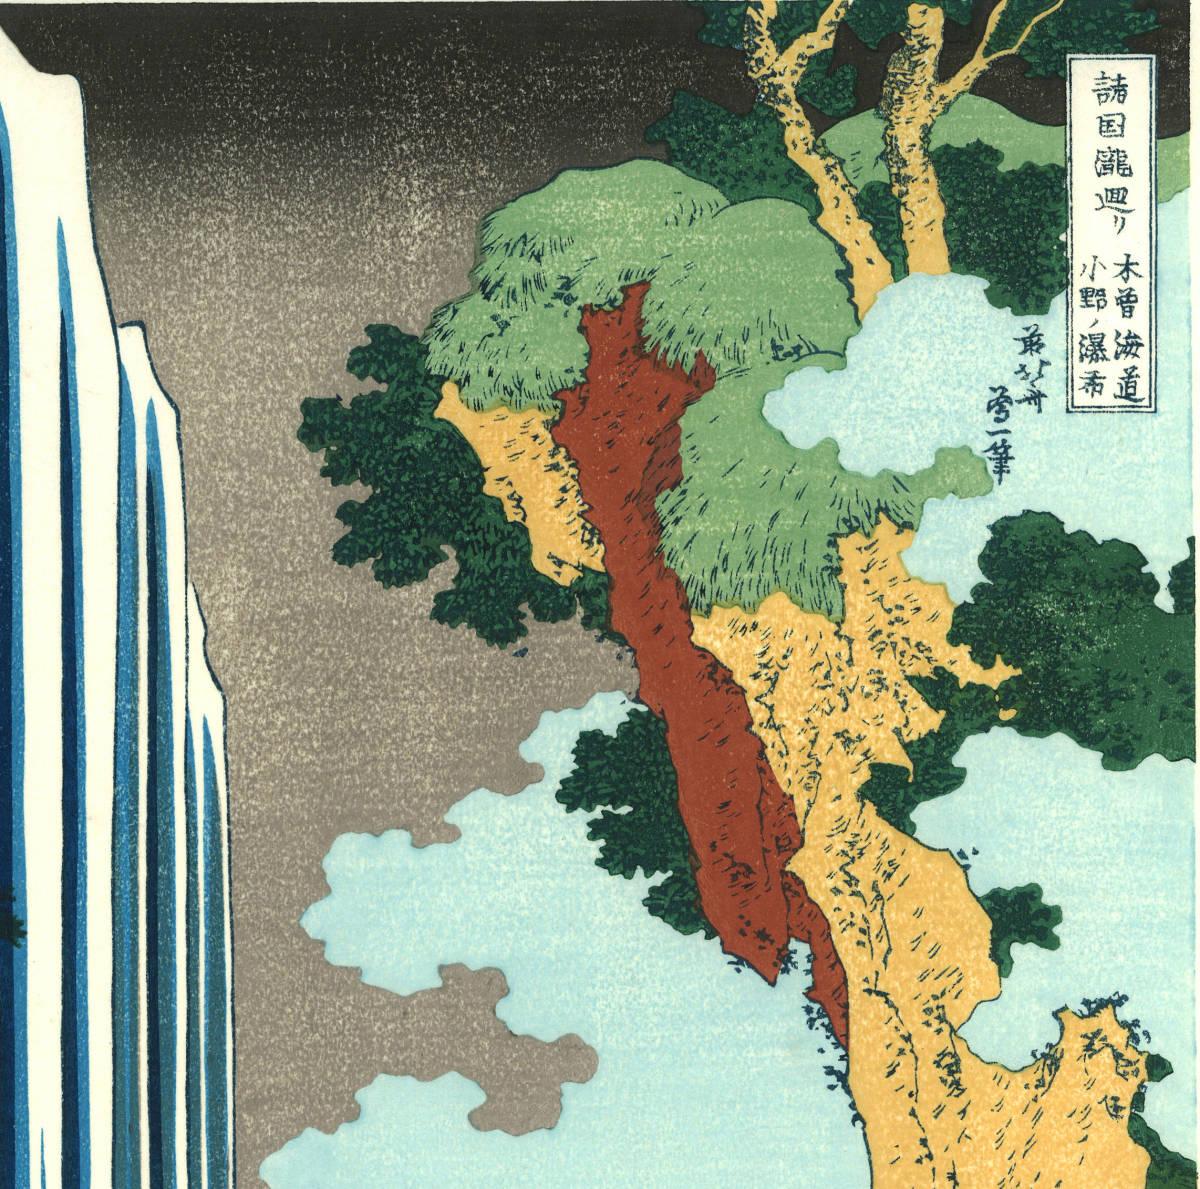 葛飾北斎 (Katsushika Hokusai) 木版画 組合版 諸国瀧廻り 木曽海道小野ノ瀑布  初版1833年(天保4年)頃  一流の職人技を是非!!_画像8